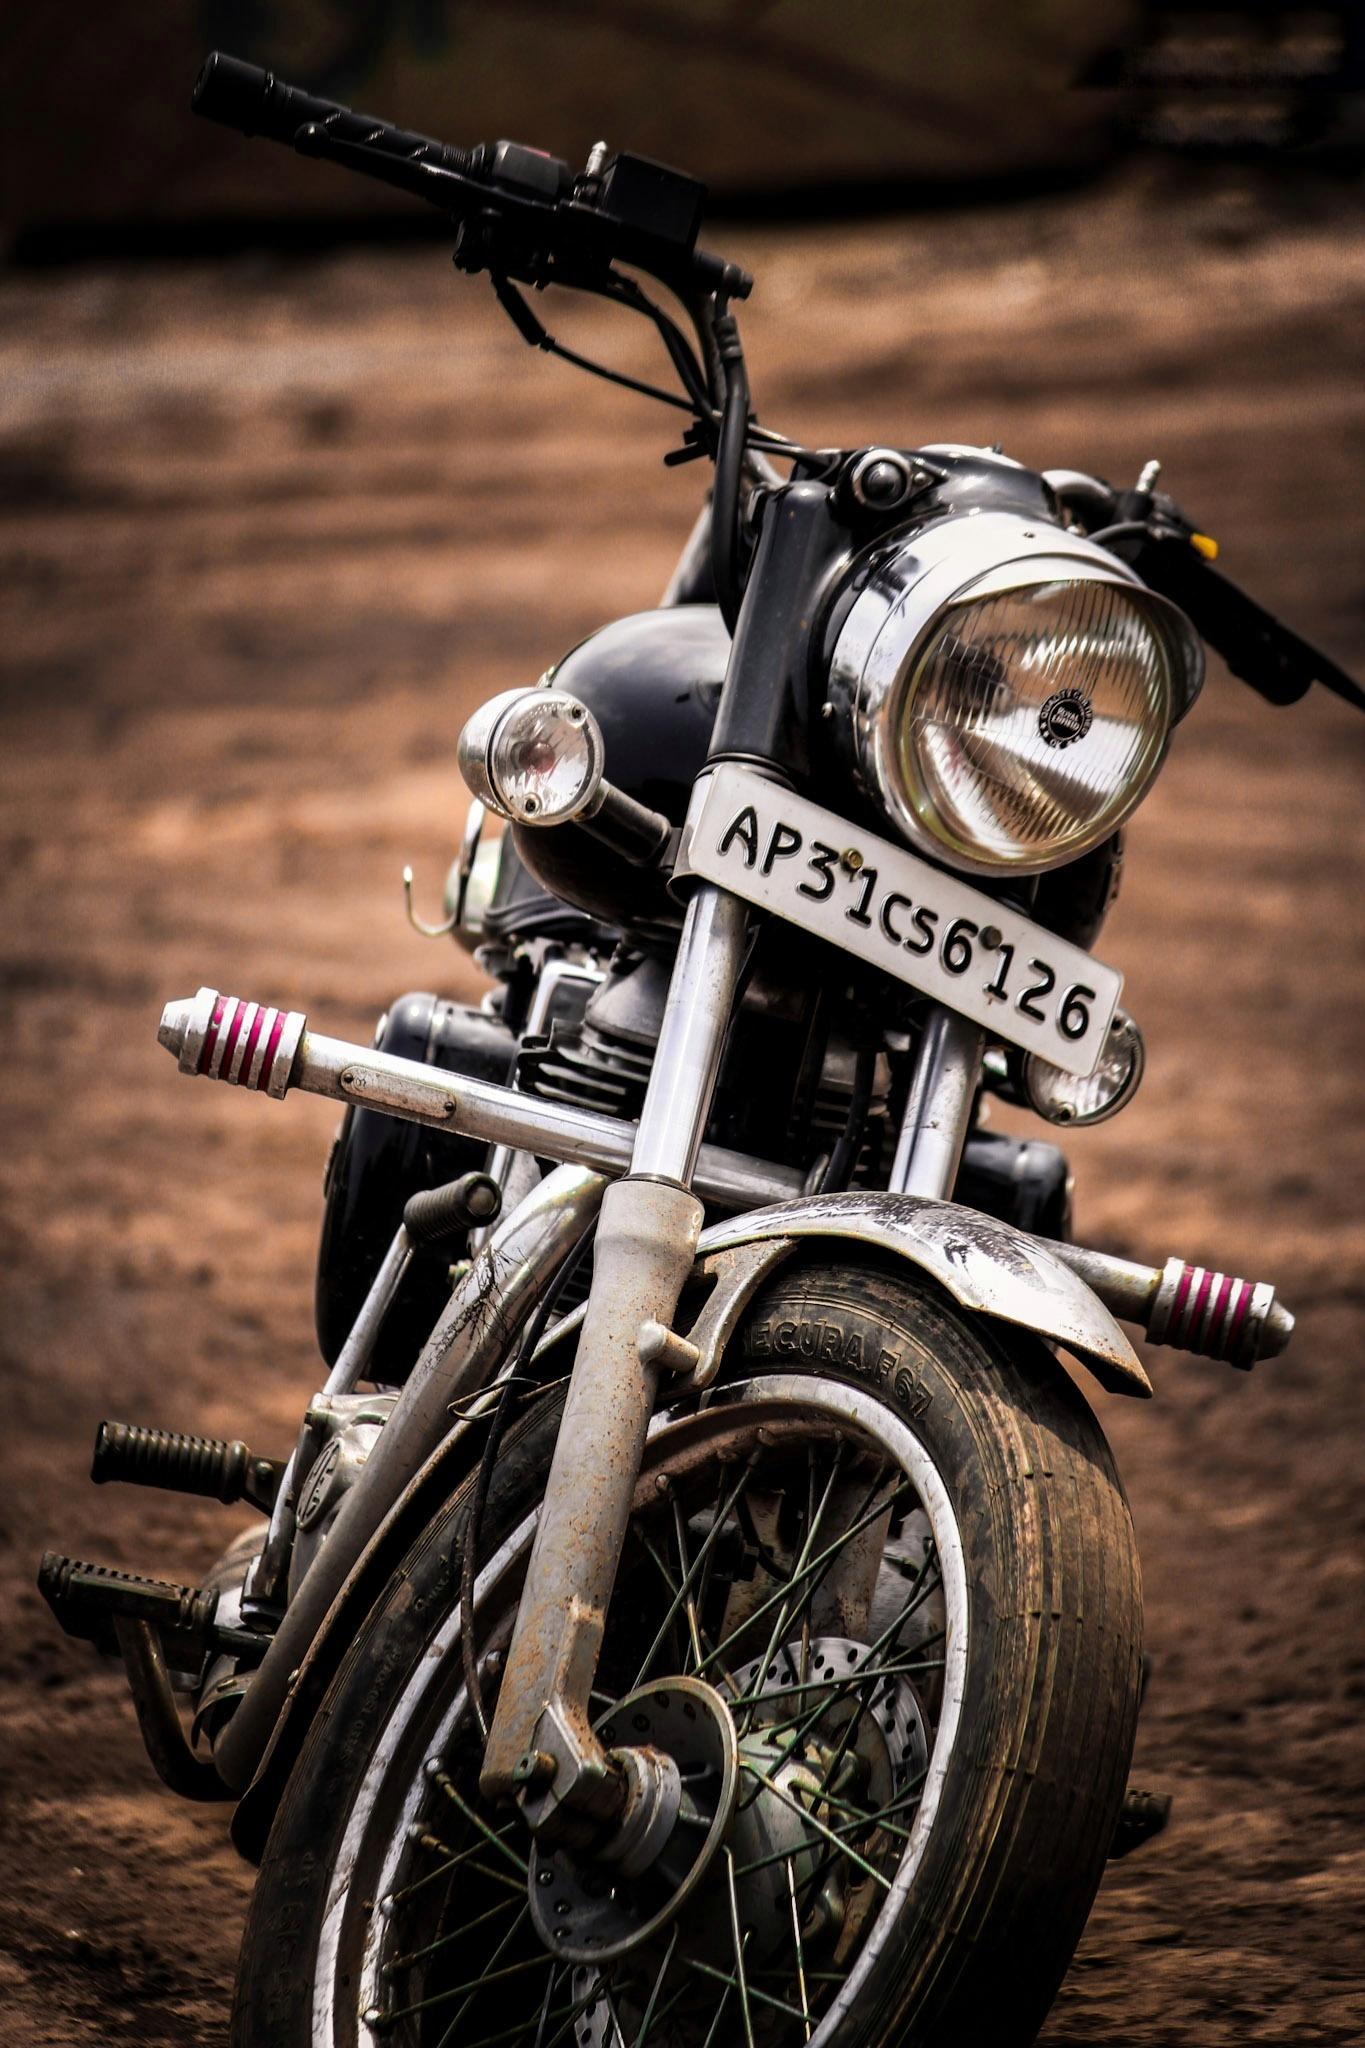 A Royal Enfield bike